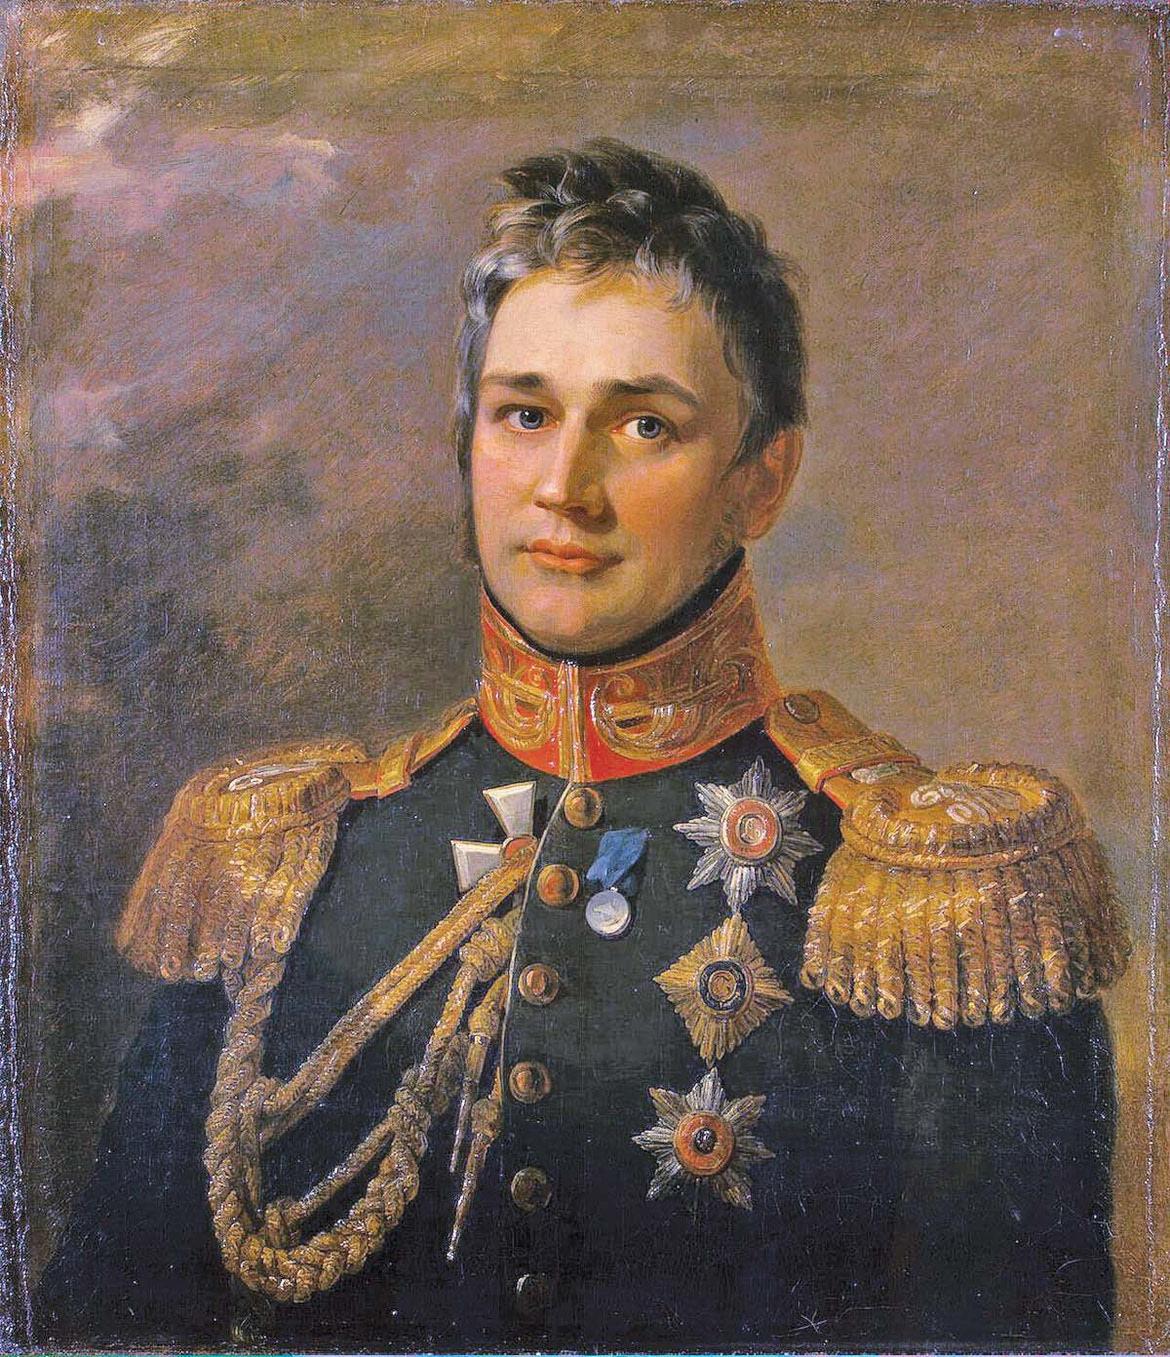 Парадный портрет М.С. Воронцова в Военной галерее героев 1812 г. в Зимнем дворце Санкт-Петербурга